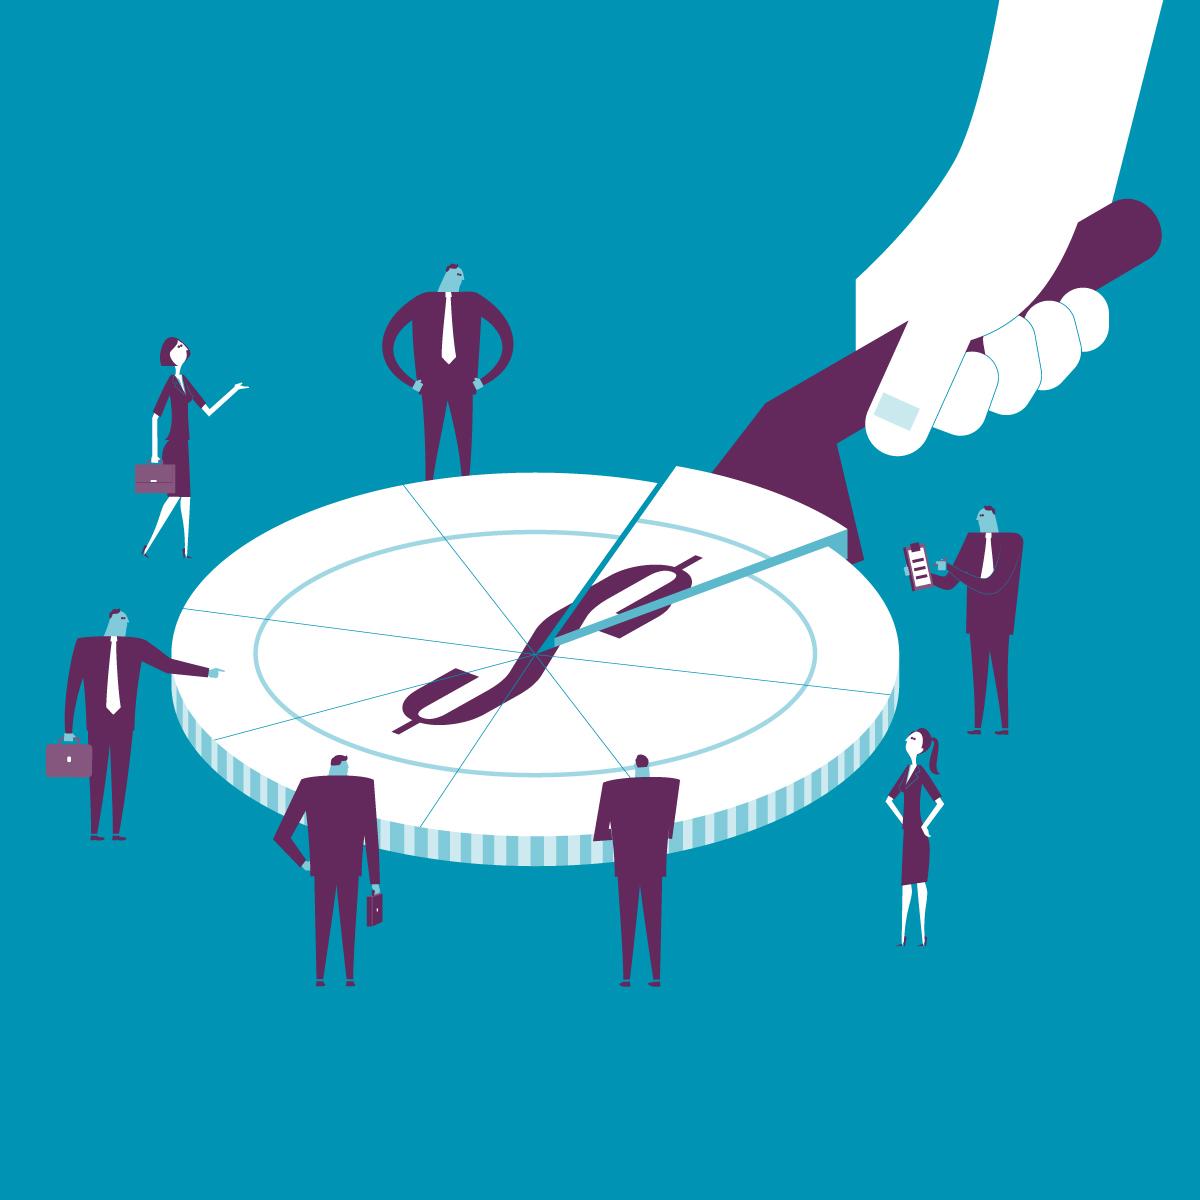 بیزینس پلتفرم و ایجاد ارزش برای ارتباطات